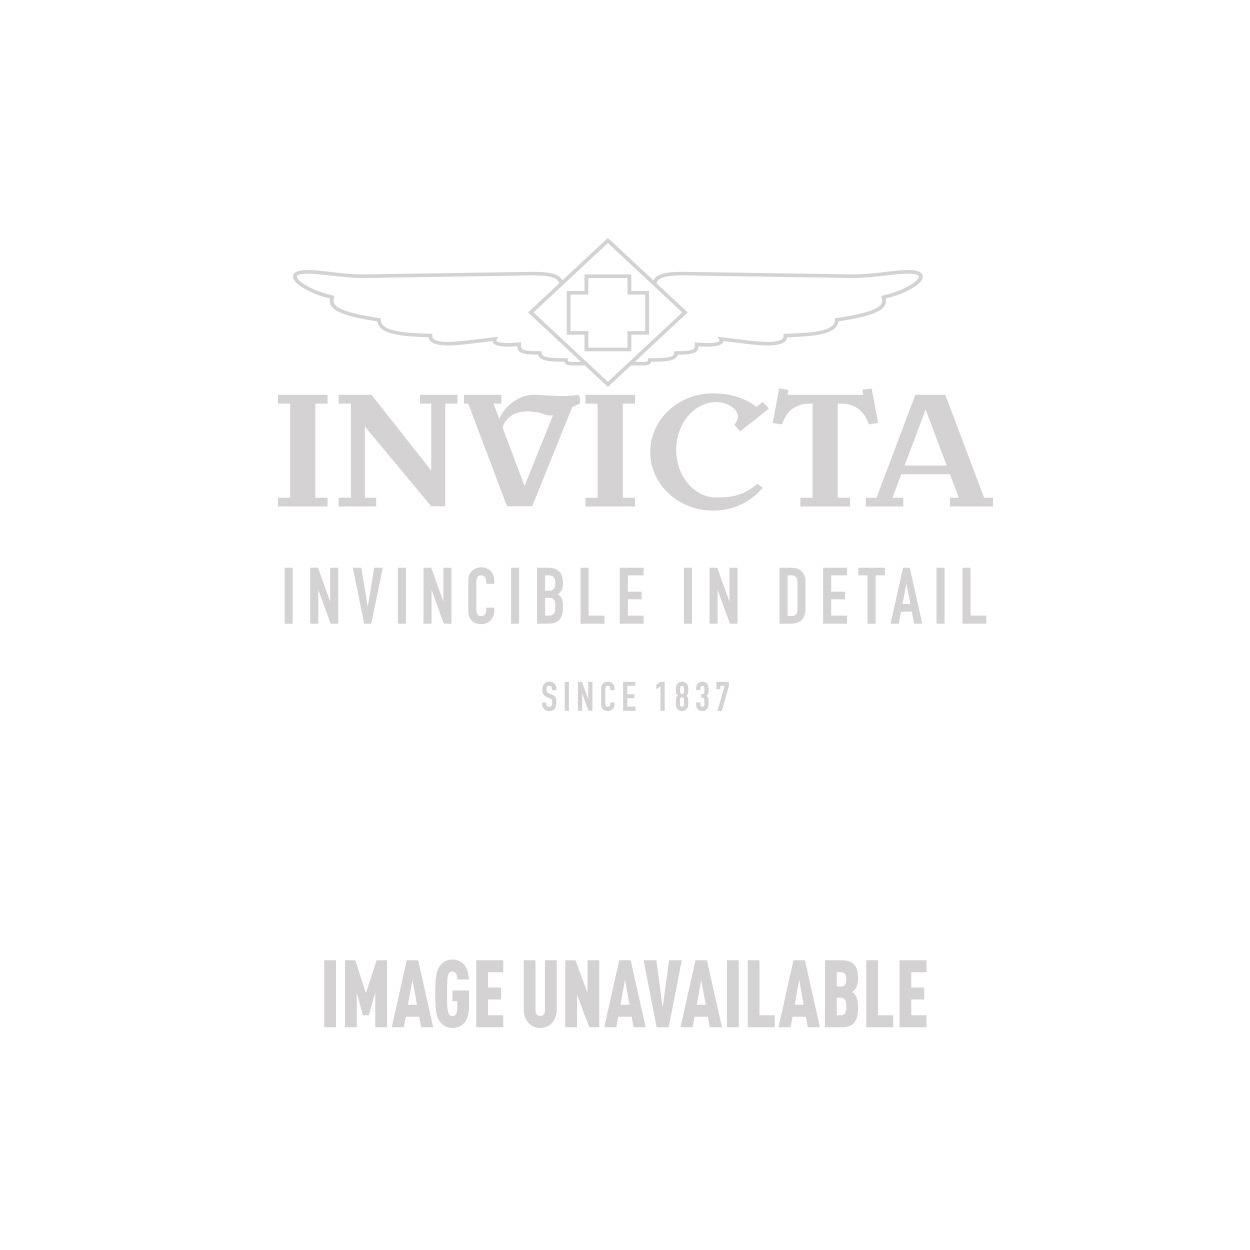 Invicta Model 21874